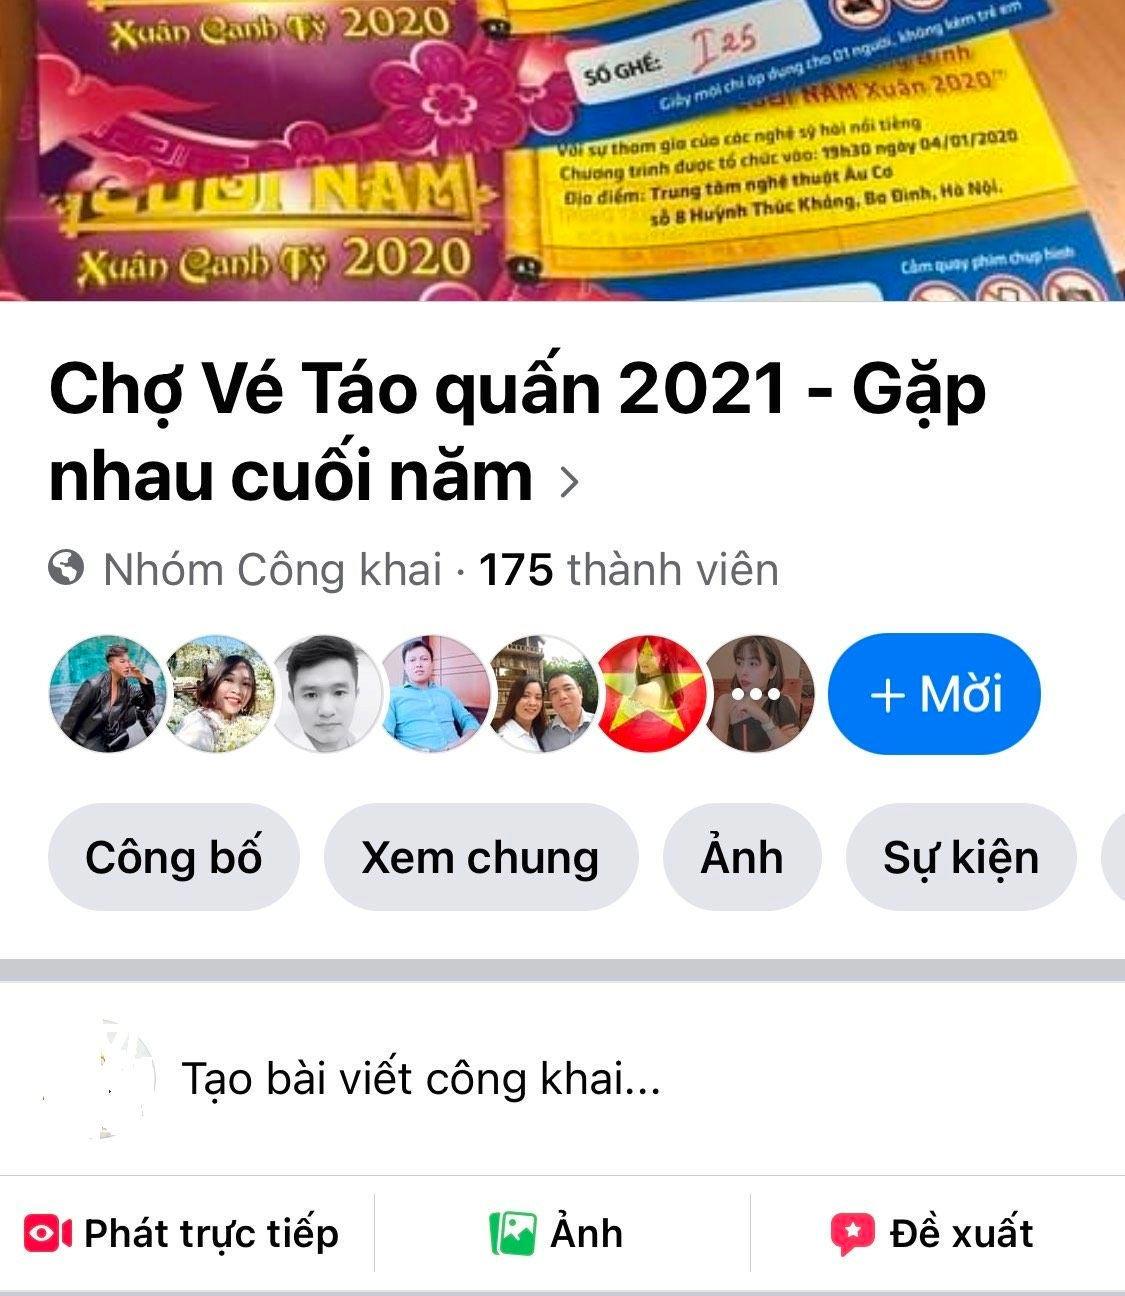 Vé Táo quân 2021 được bán tràn lan trên các chợ mạng